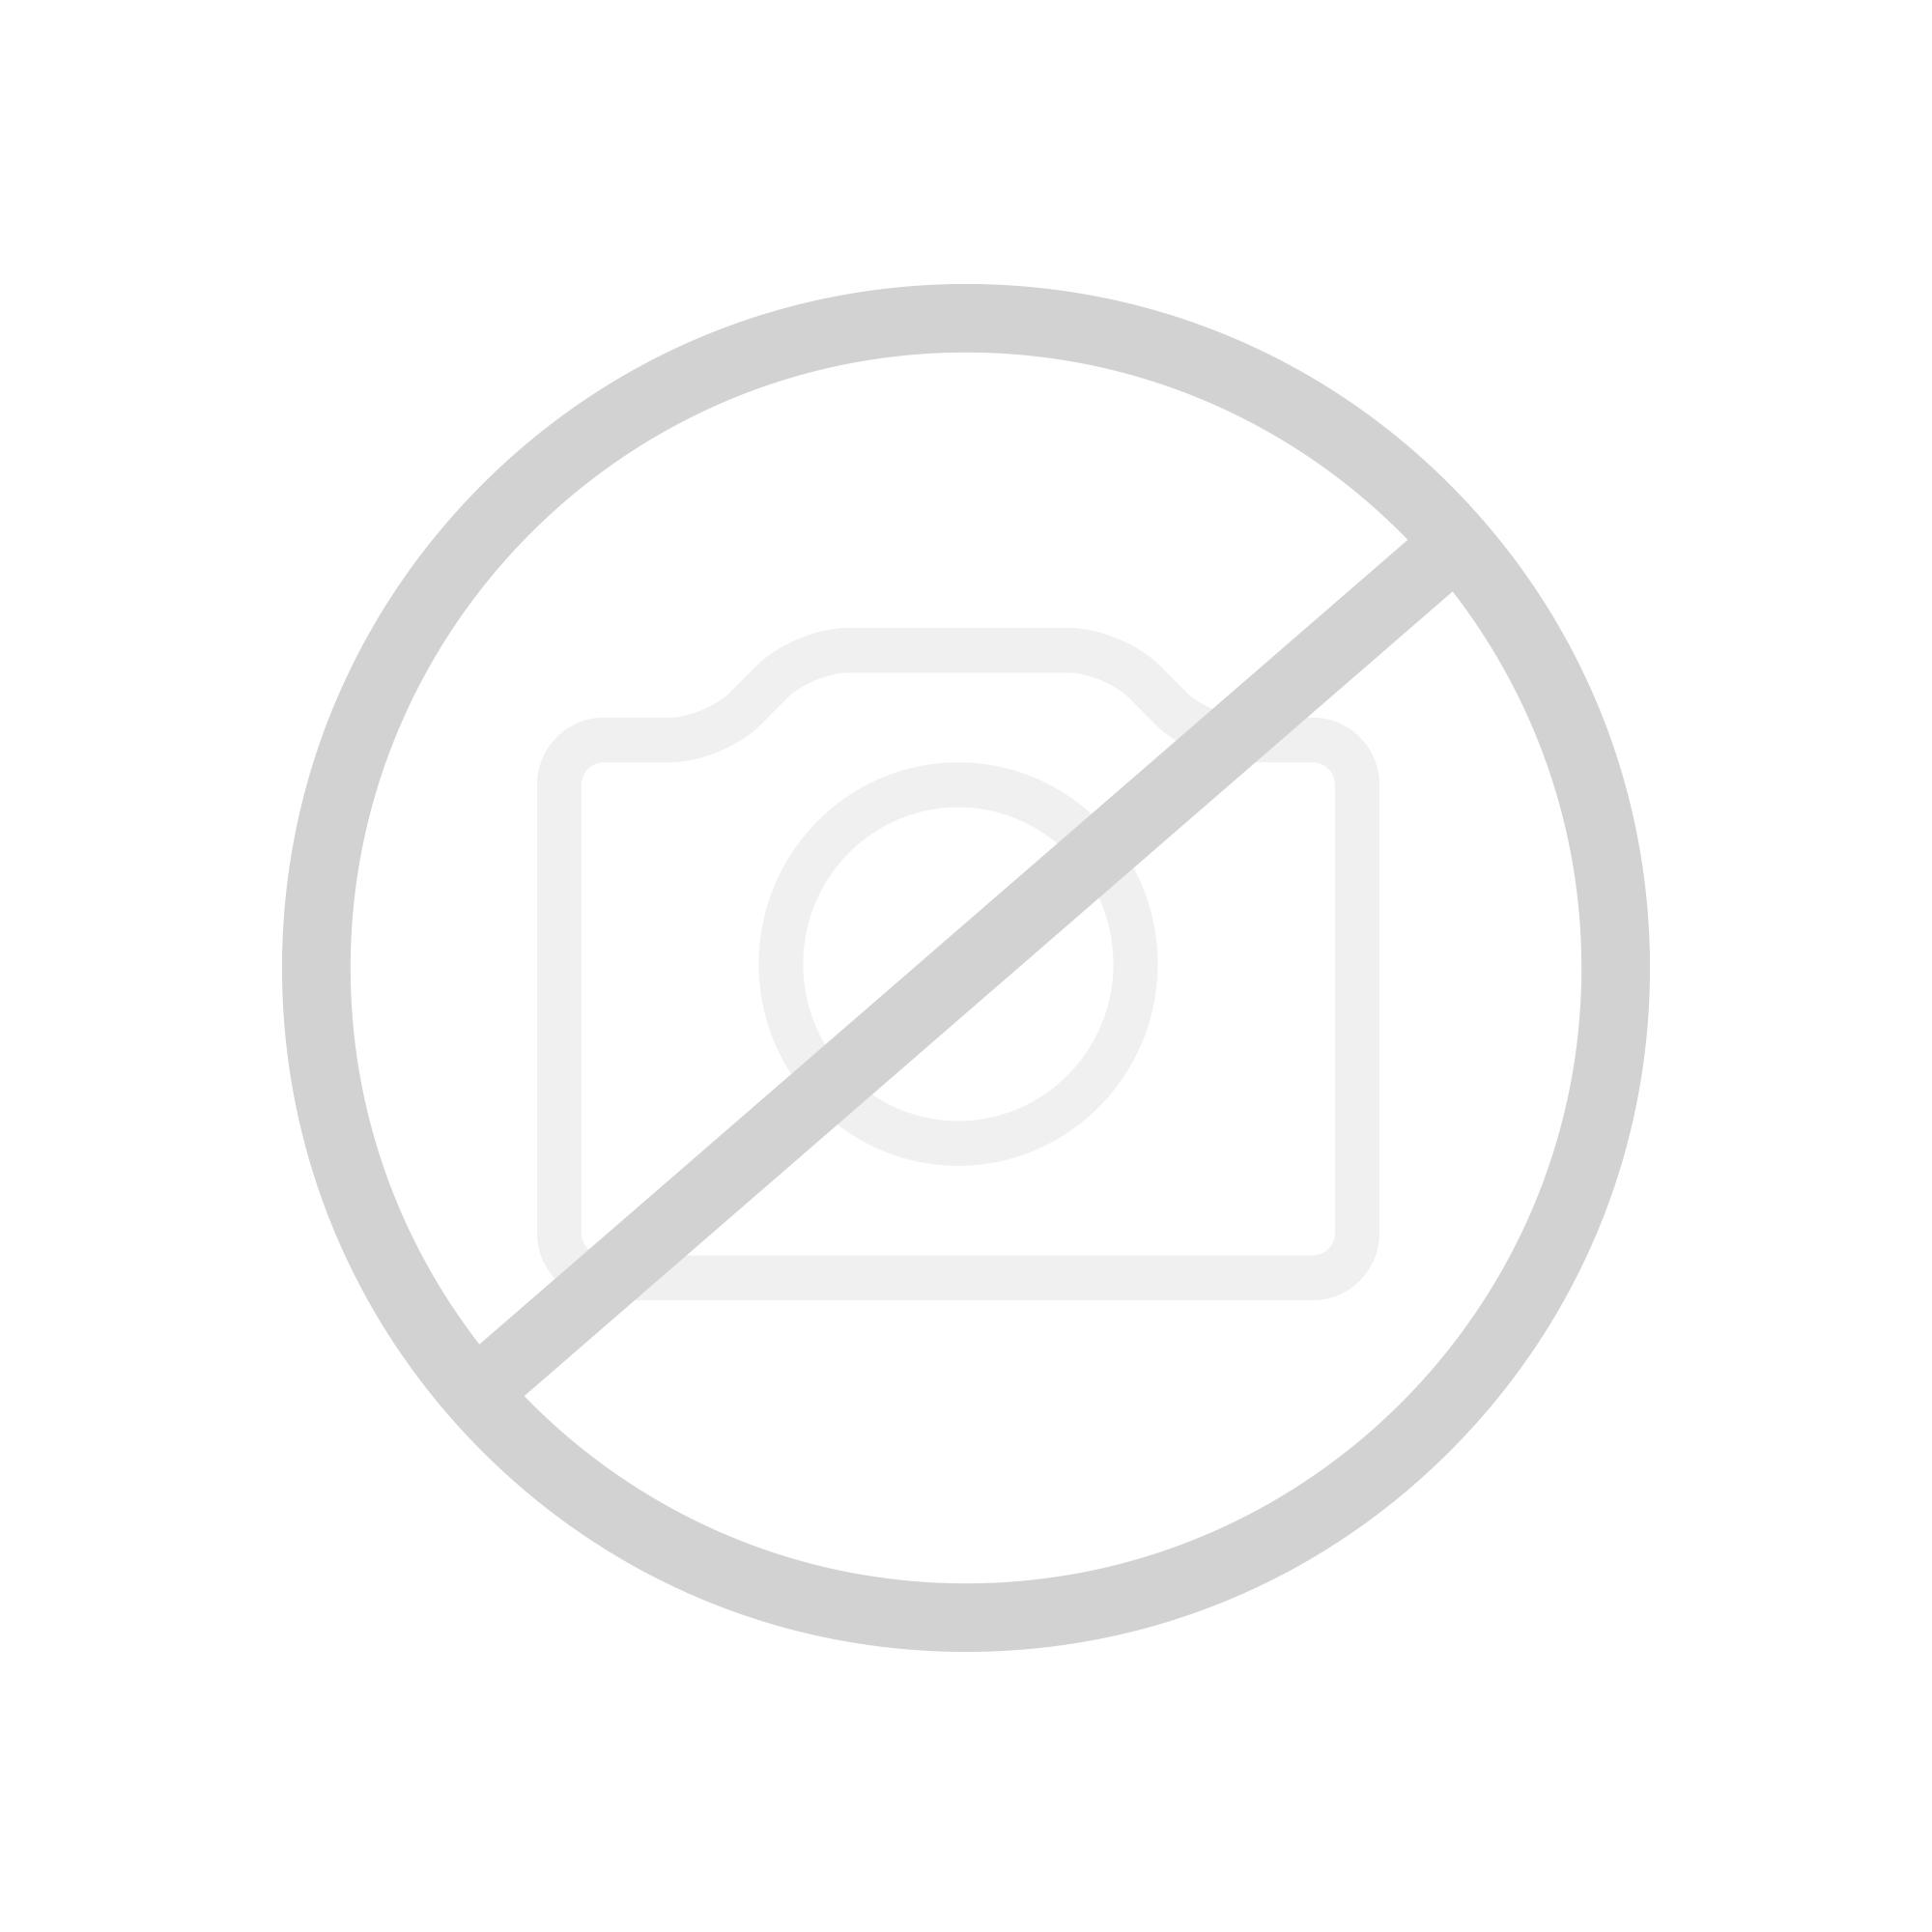 geberit sigma70 bet tigungsplatte f r 2 mengen sp lung glas schwarz 115620sj1 reuter onlineshop. Black Bedroom Furniture Sets. Home Design Ideas